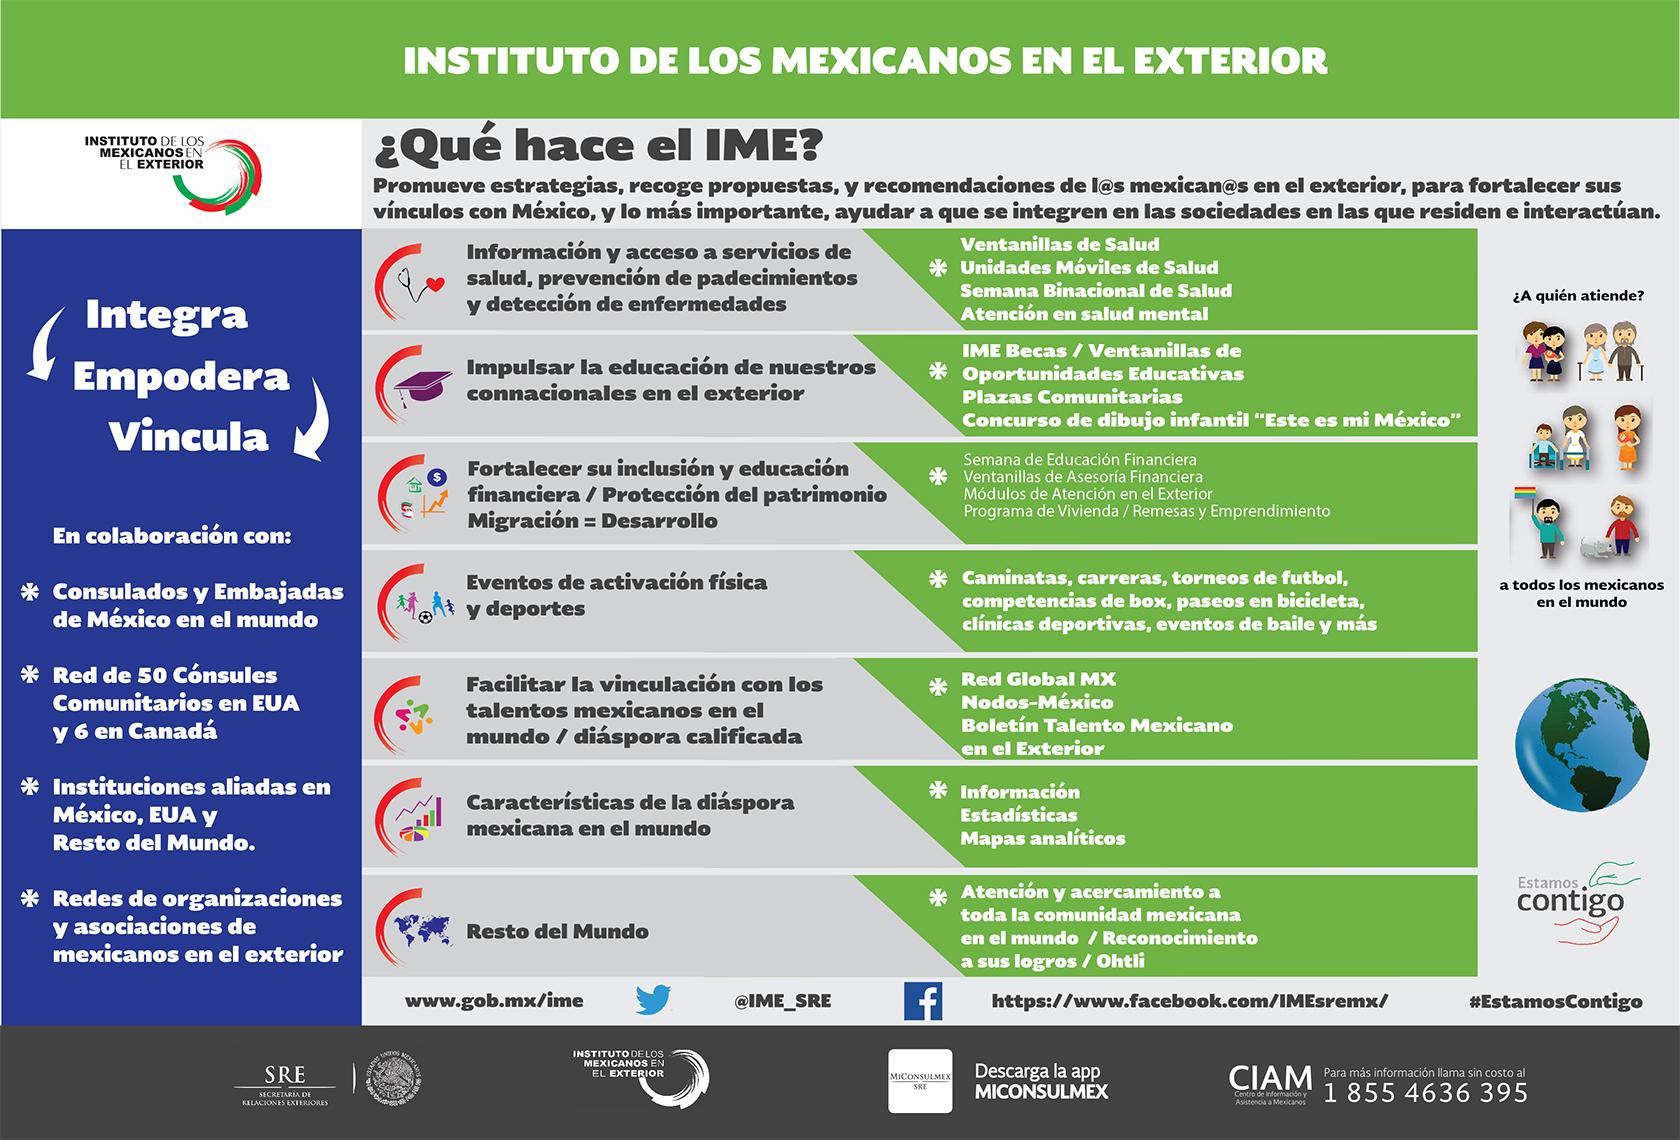 Infografias Sobre El Ime Instituto De Los Mexicanos En El Exterior Gobierno